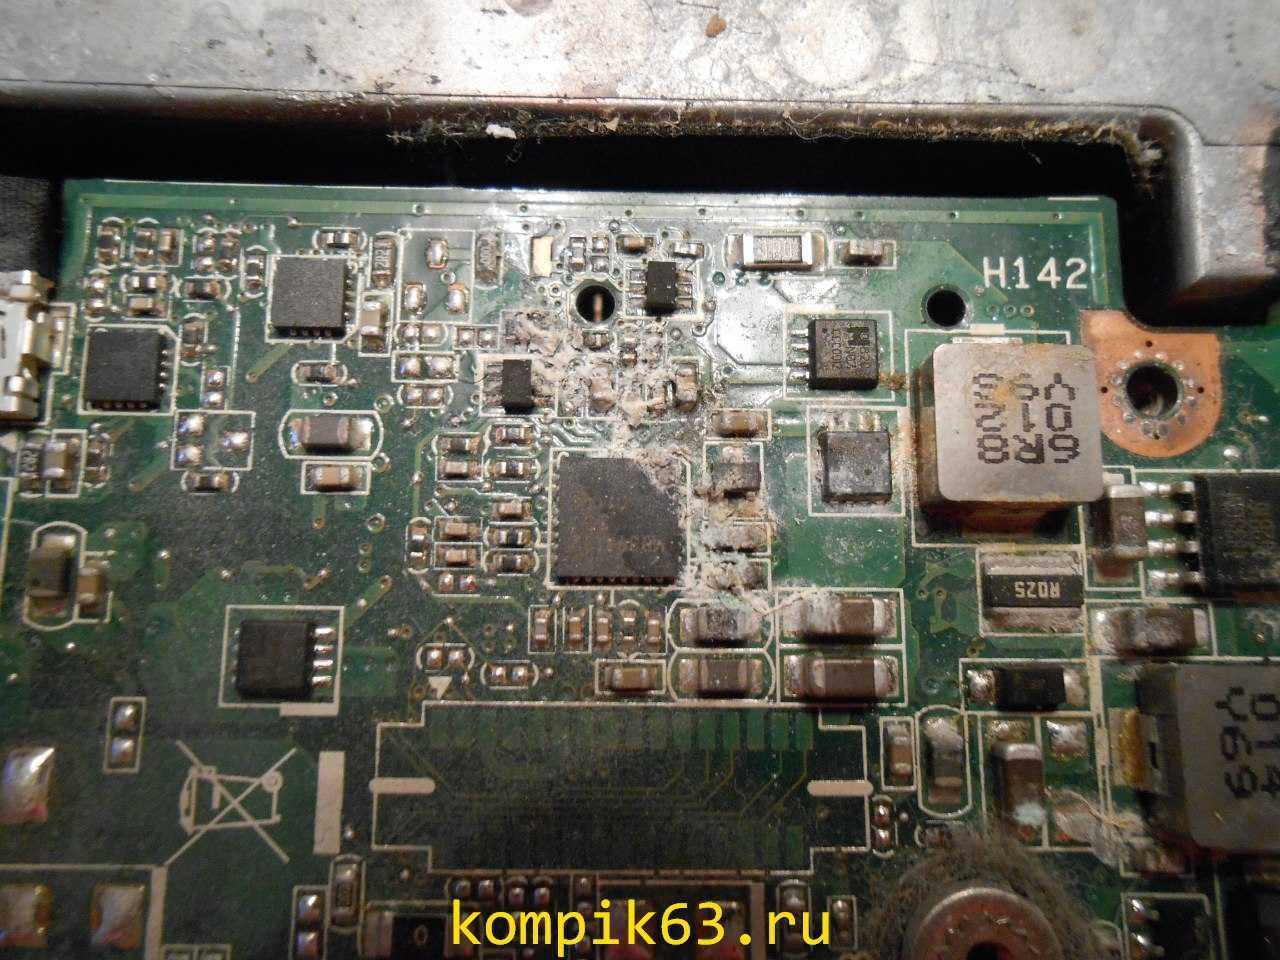 kompik63.ru-014